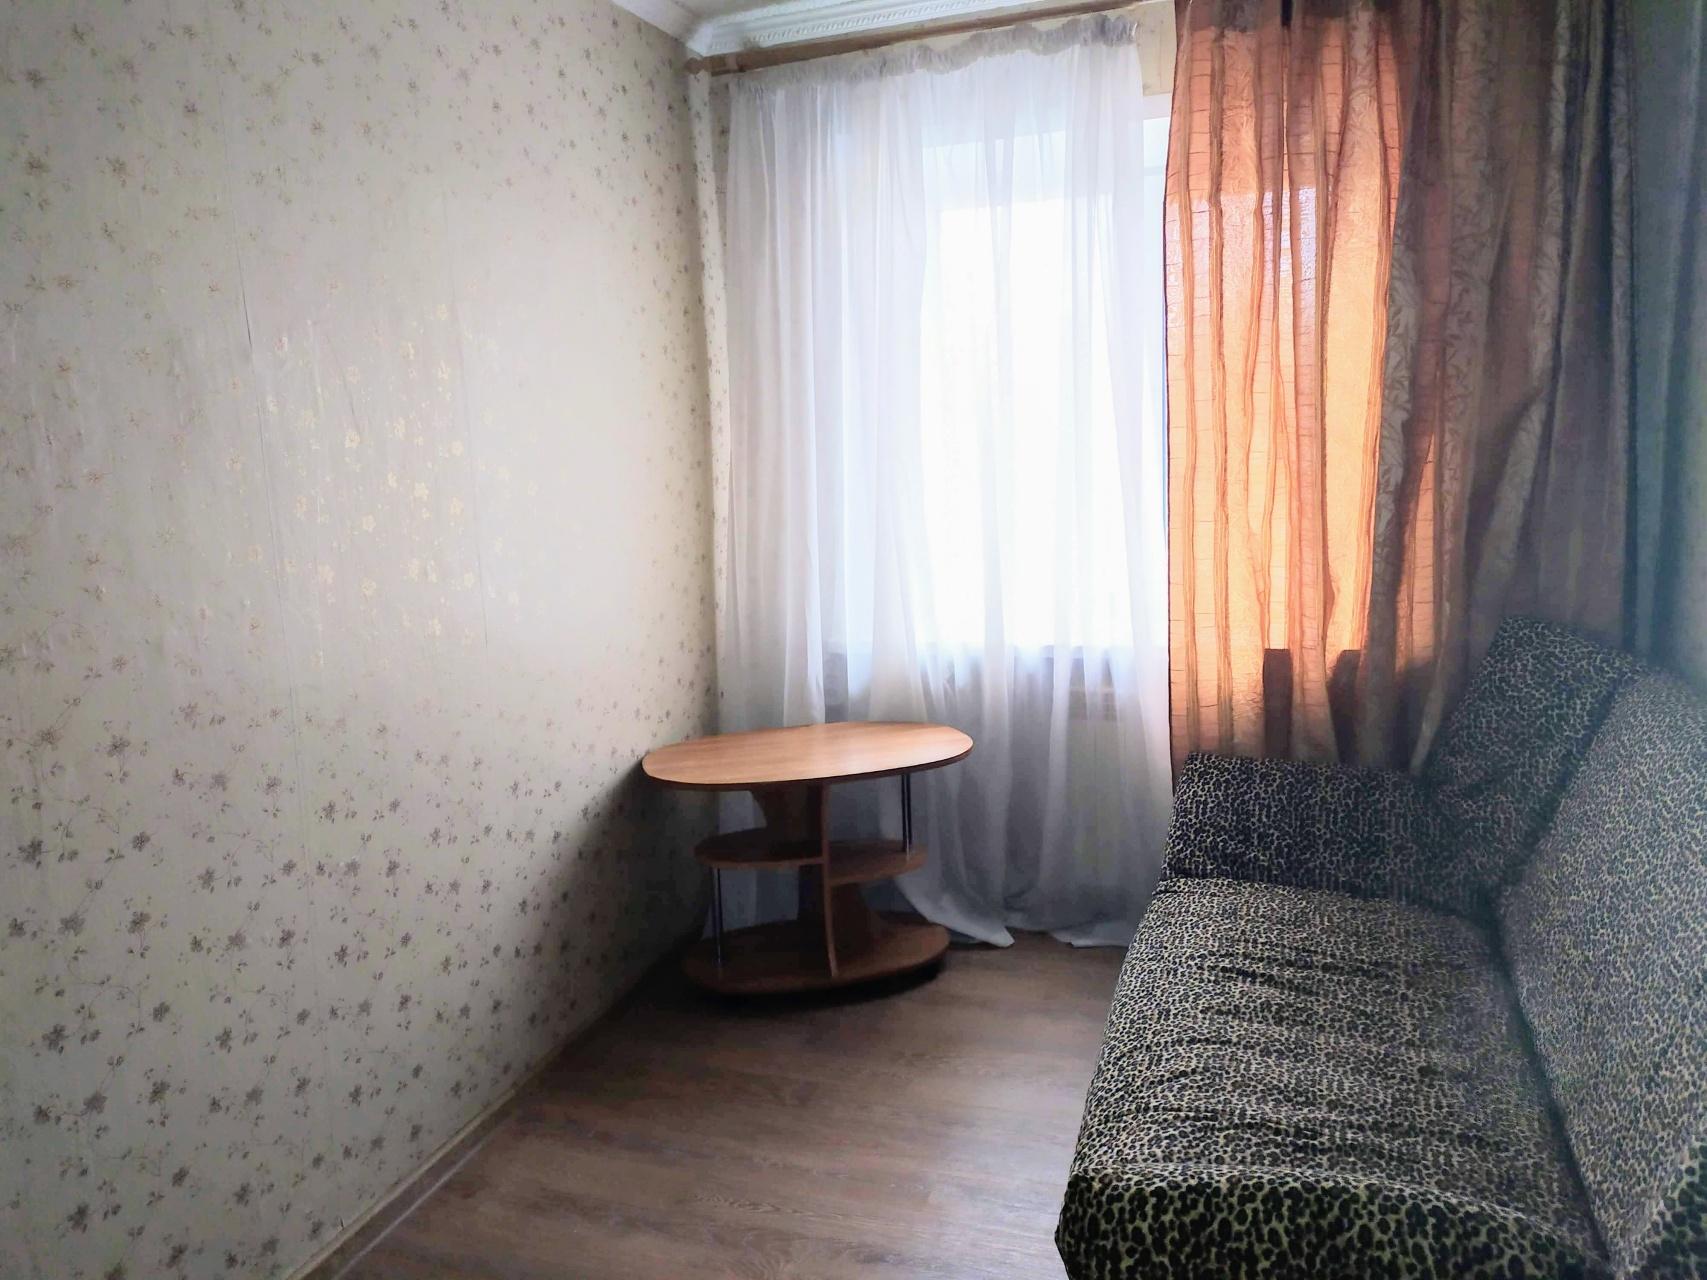 г. Владимир, Горького ул., 89, комната на продажу